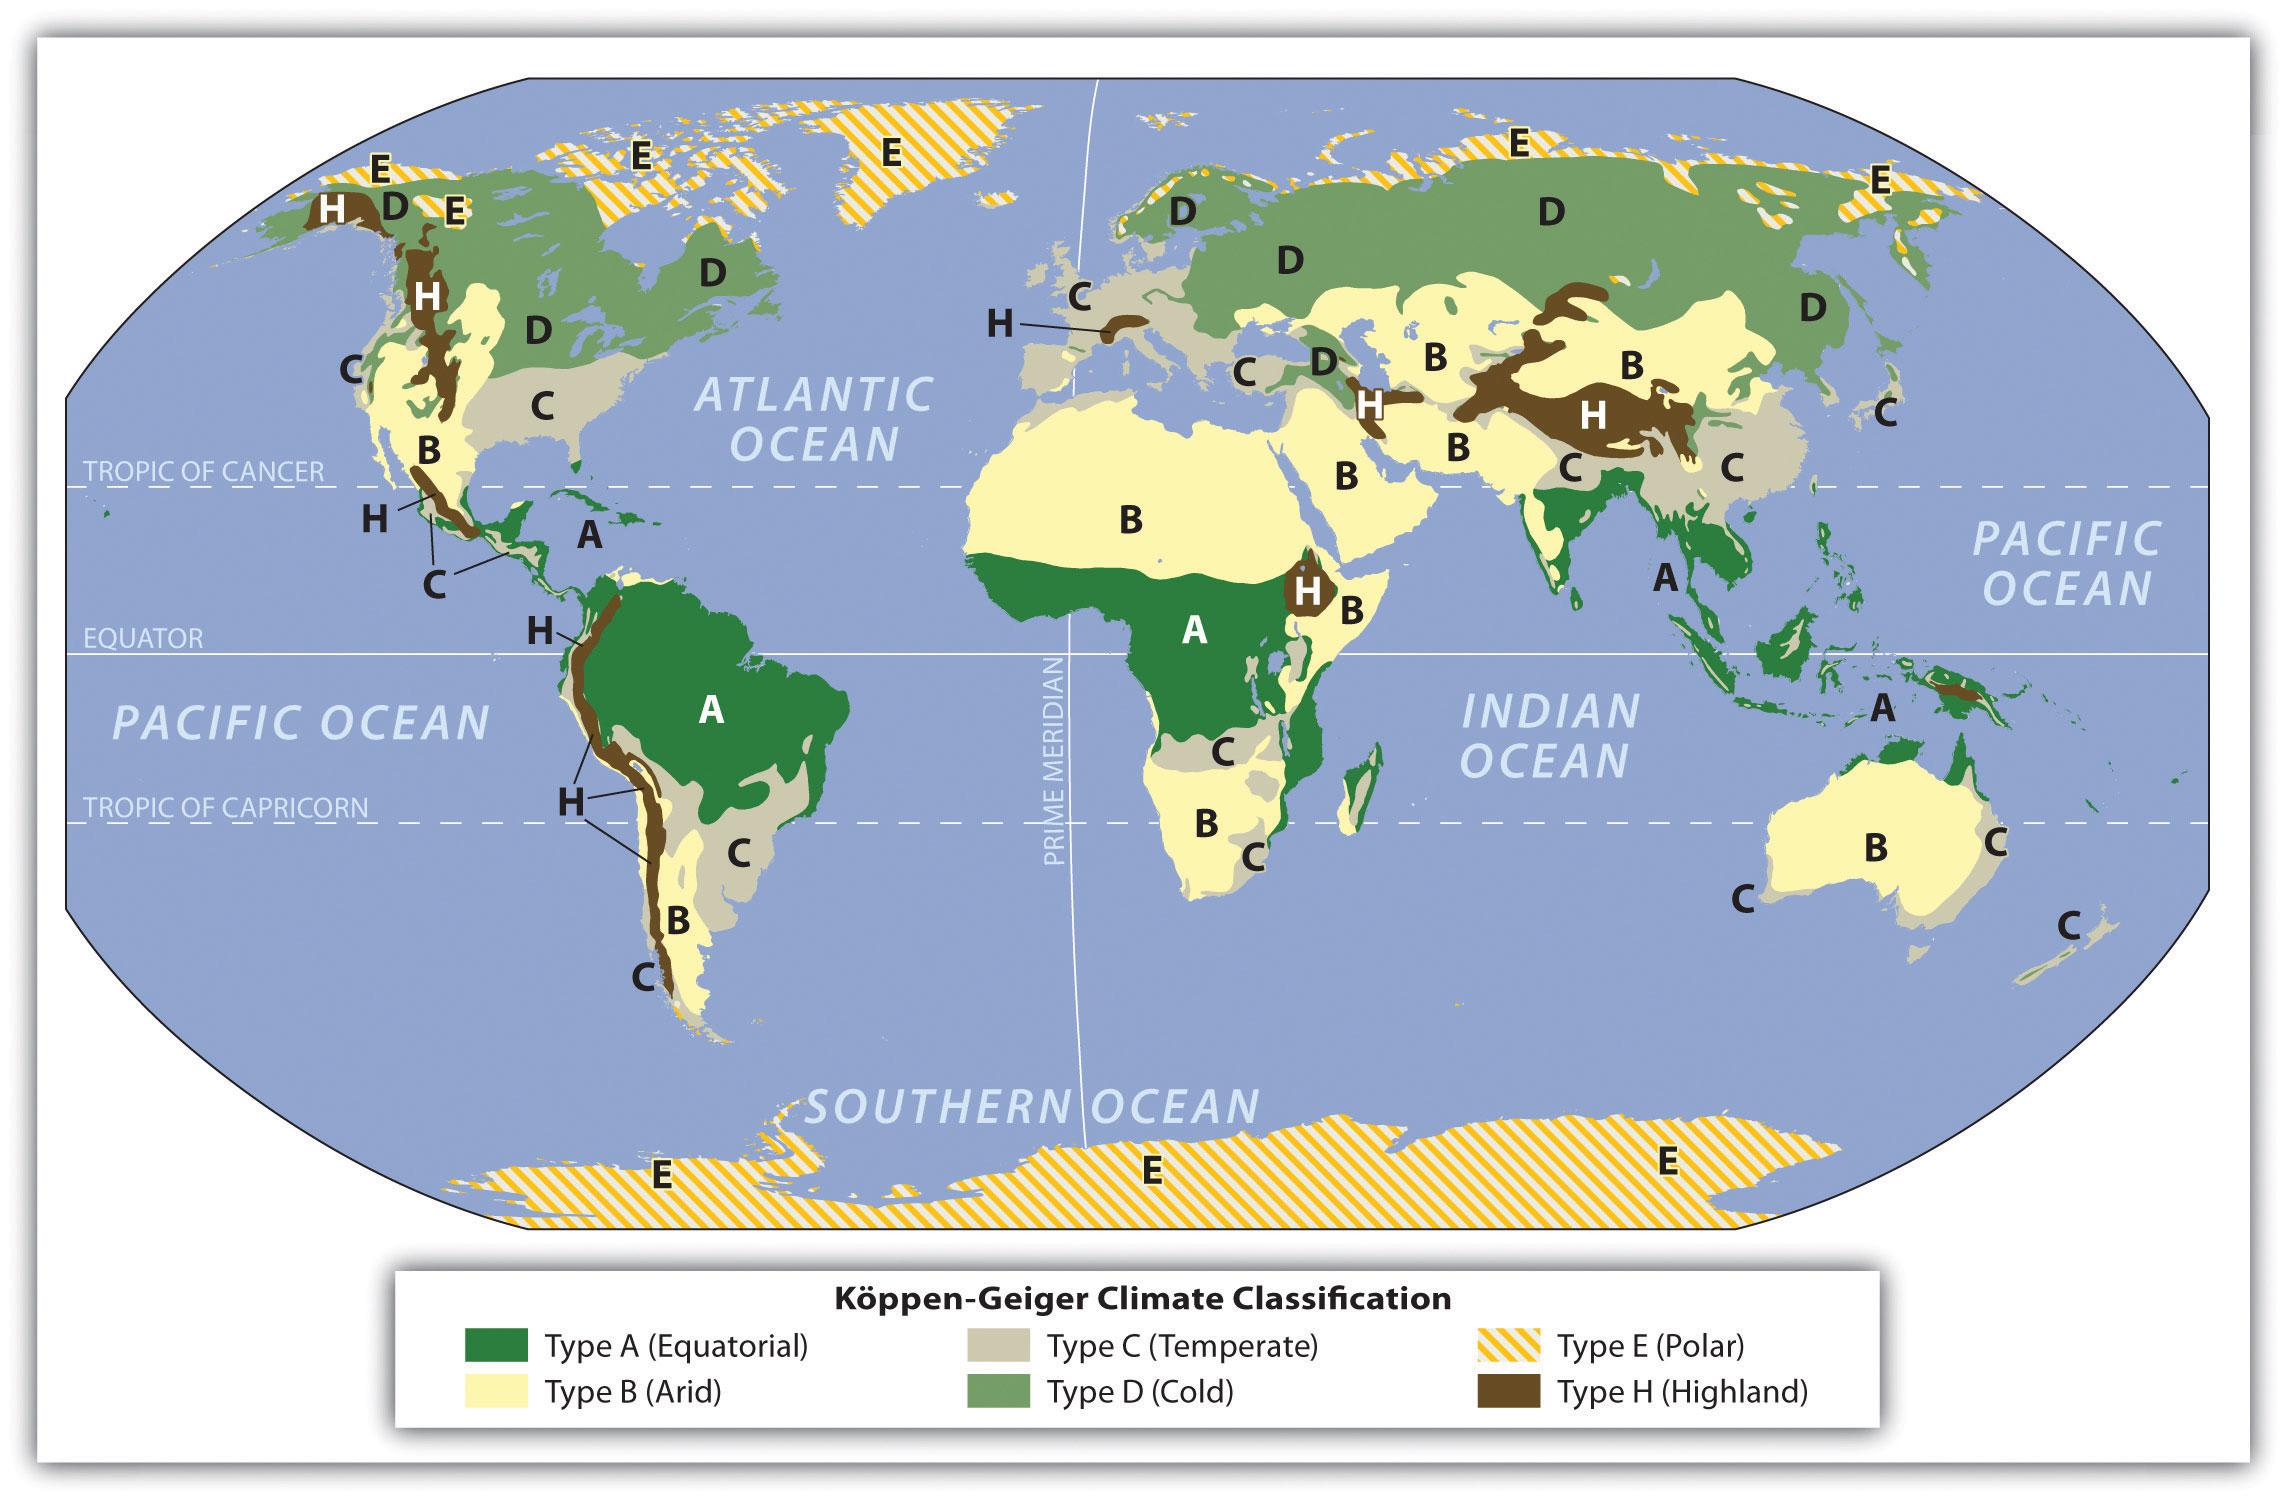 L'ambiente e l'attività umana-1510